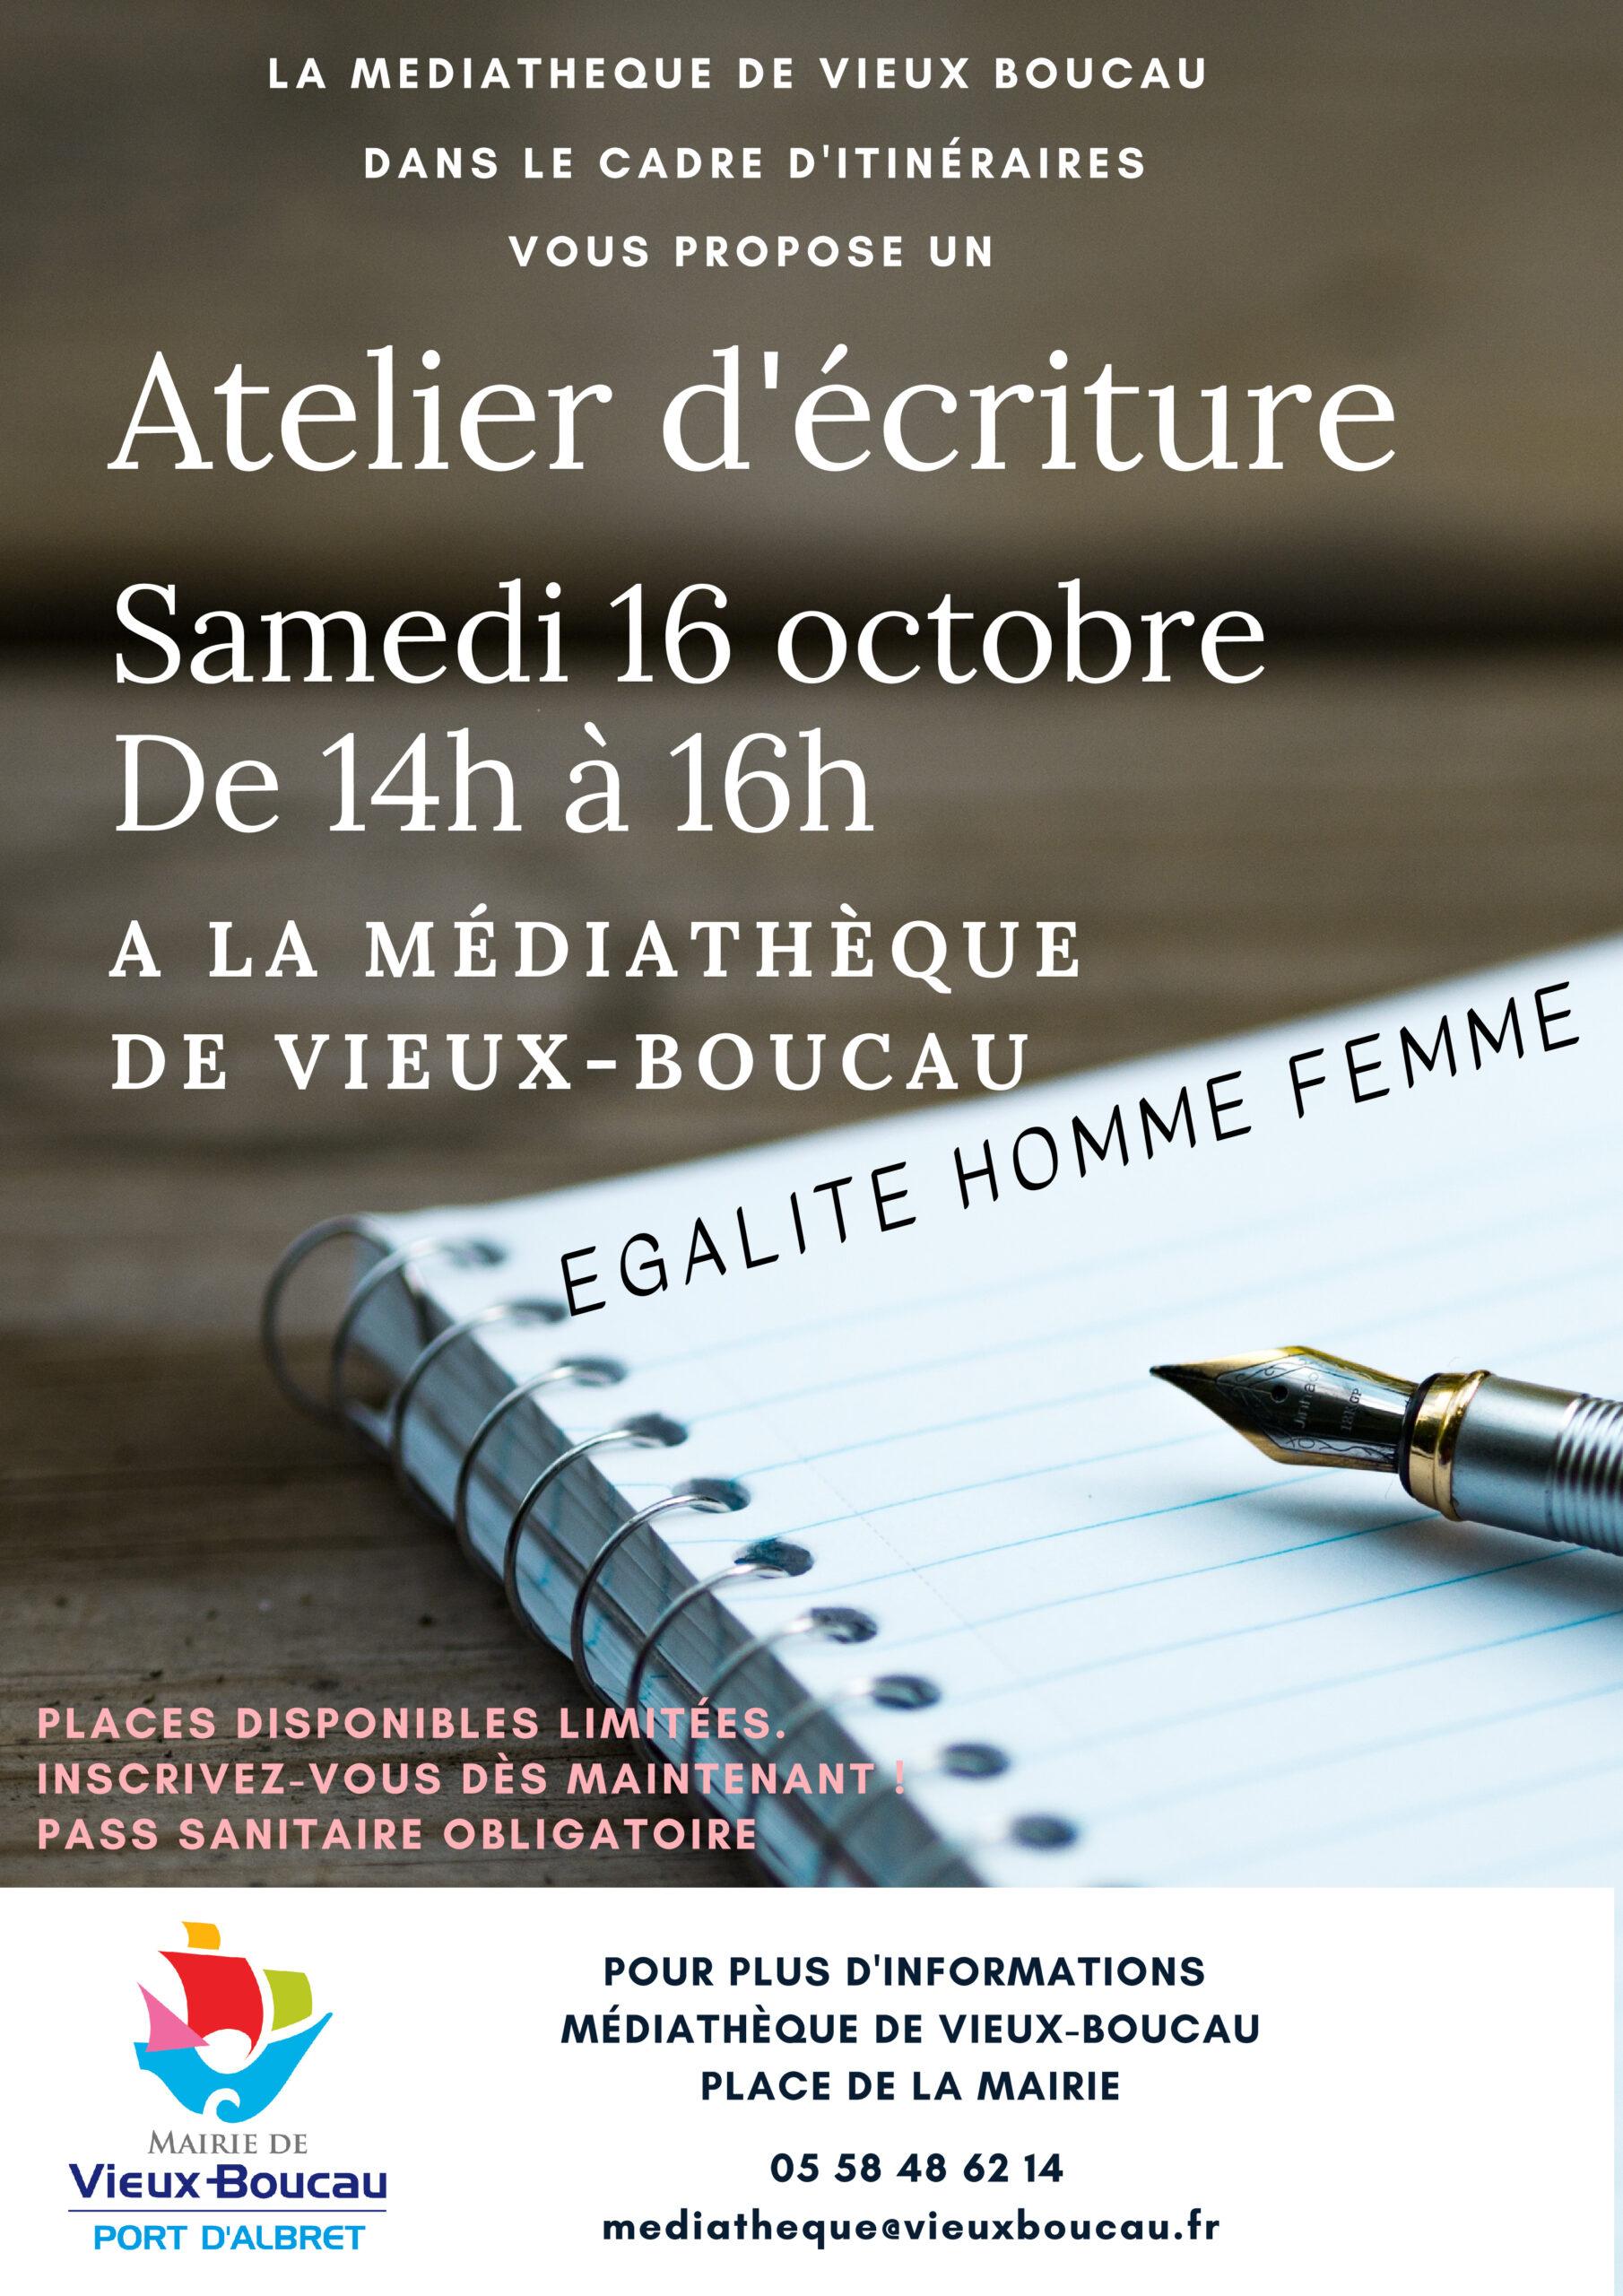 Itinéraires / Egalité hommes-femmes / Atelier d'écriture Vieux-Boucau-les-Bains